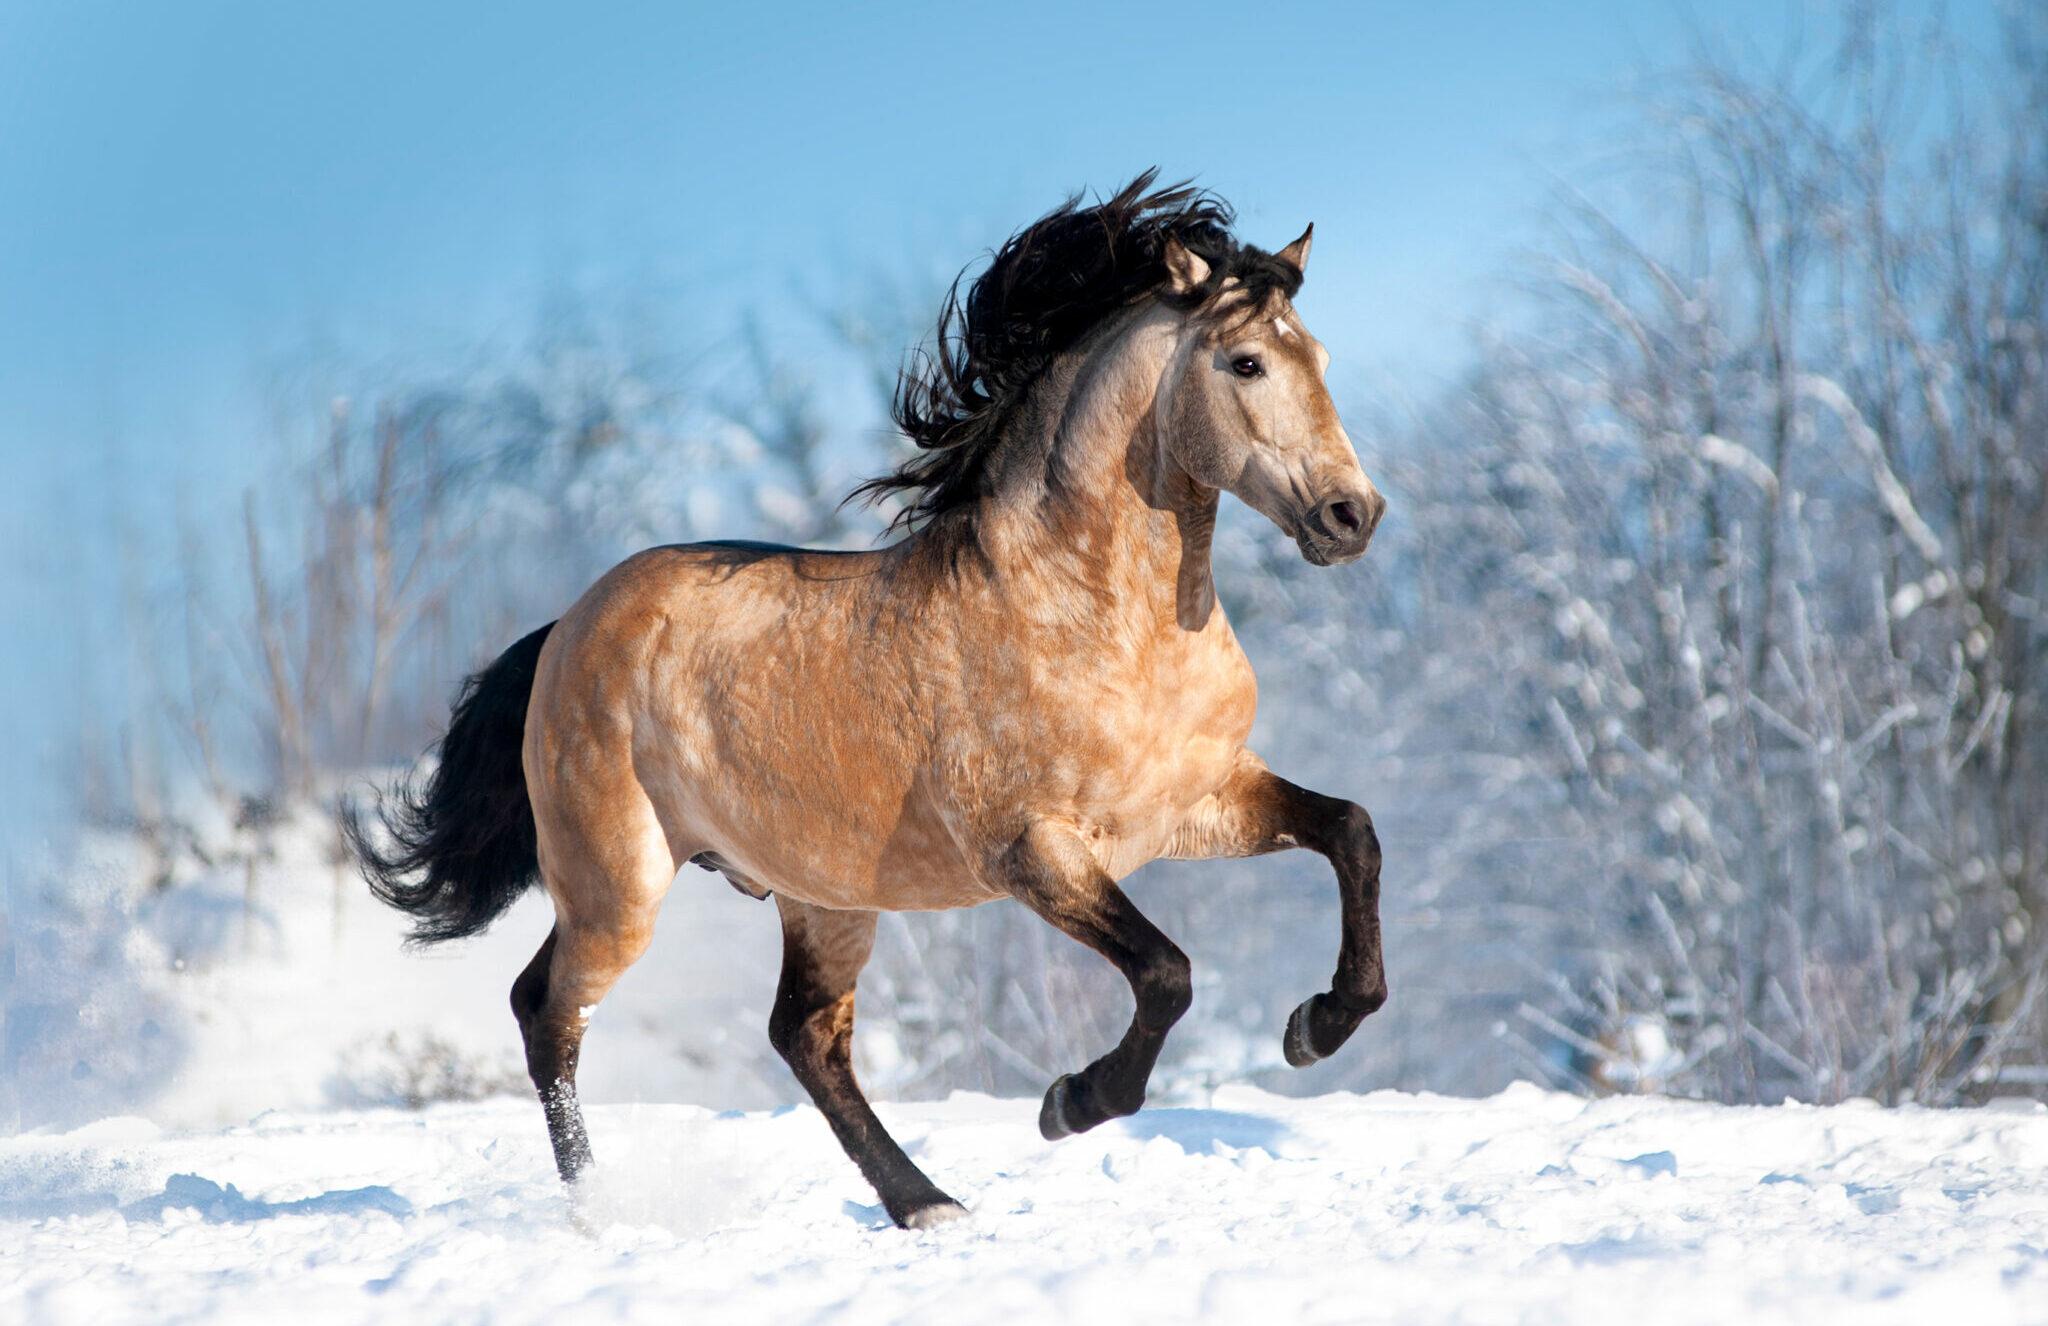 Horse Breed: Lusitano - image by Olga_i/Shutterstock.com - Globetrotting horse riding holidays